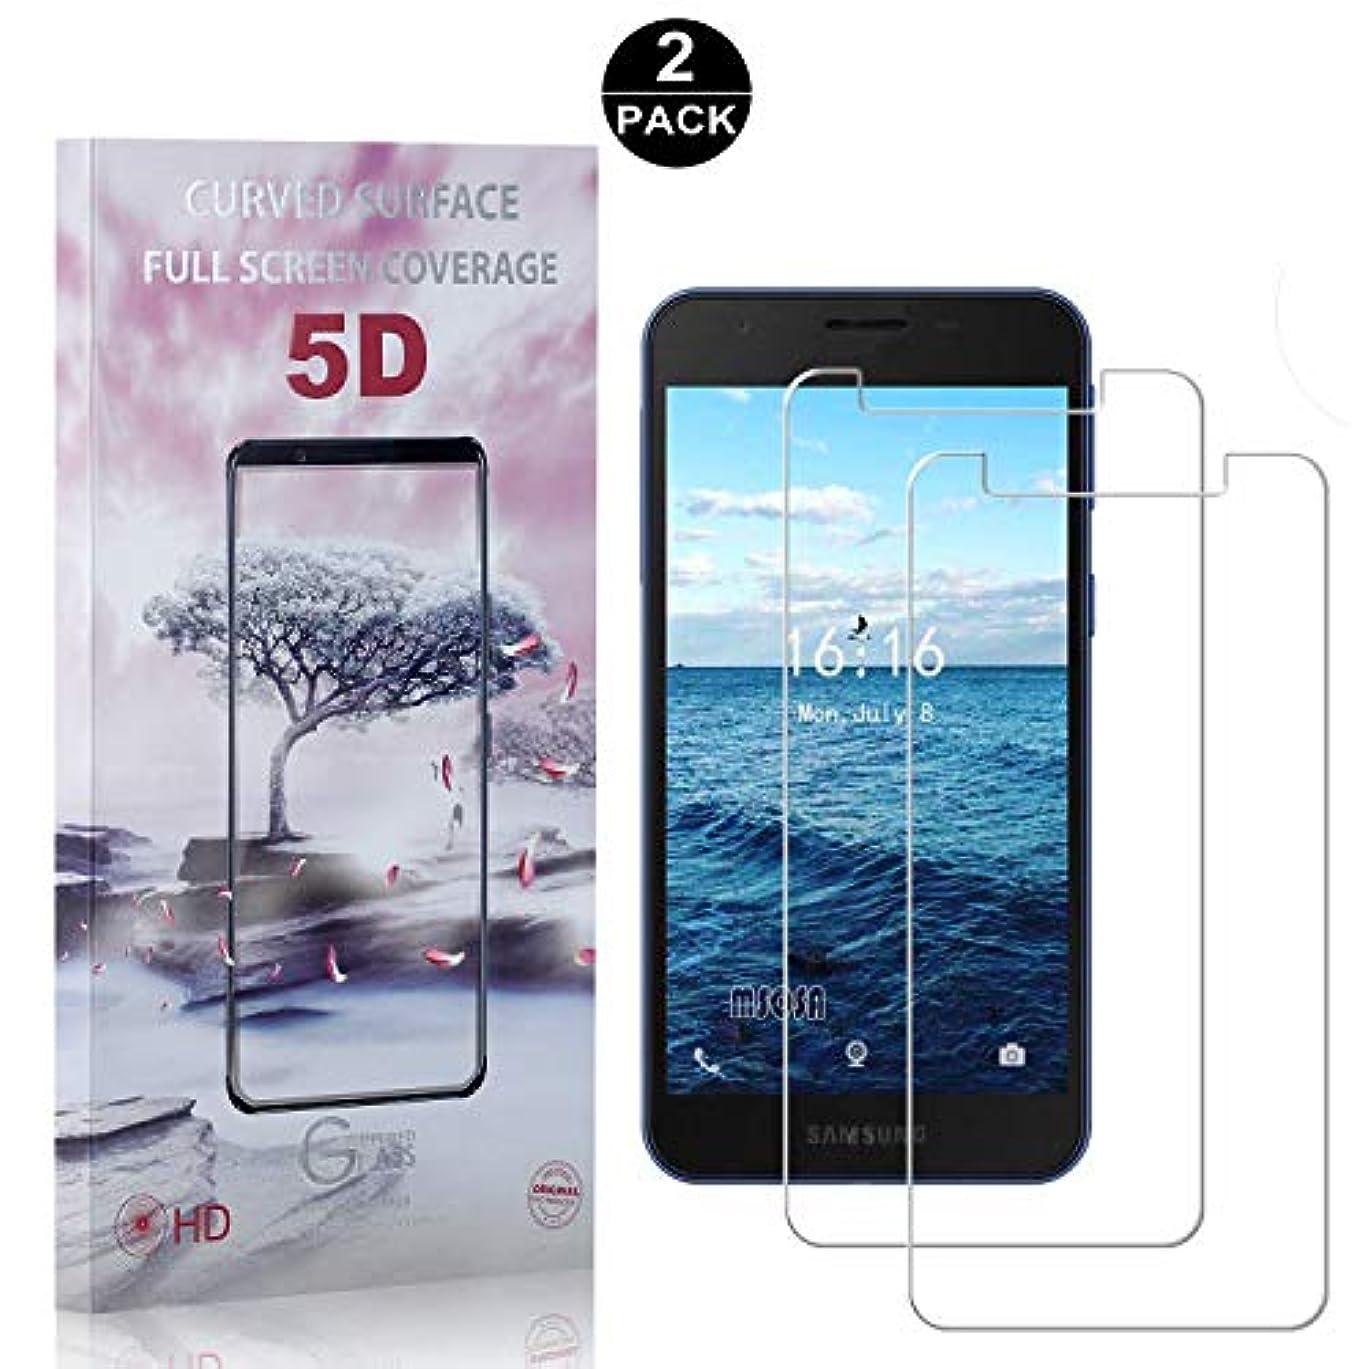 摂動コンテスト承認【2枚セット】 Galaxy A2 Core 硬度9H ガラスフィルム CUNUS Samsung Galaxy A2 Core 専用設計 強化ガラスフィルム 高透明度で 99%透過率 気泡防止 耐衝撃 超薄 液晶保護フィルム